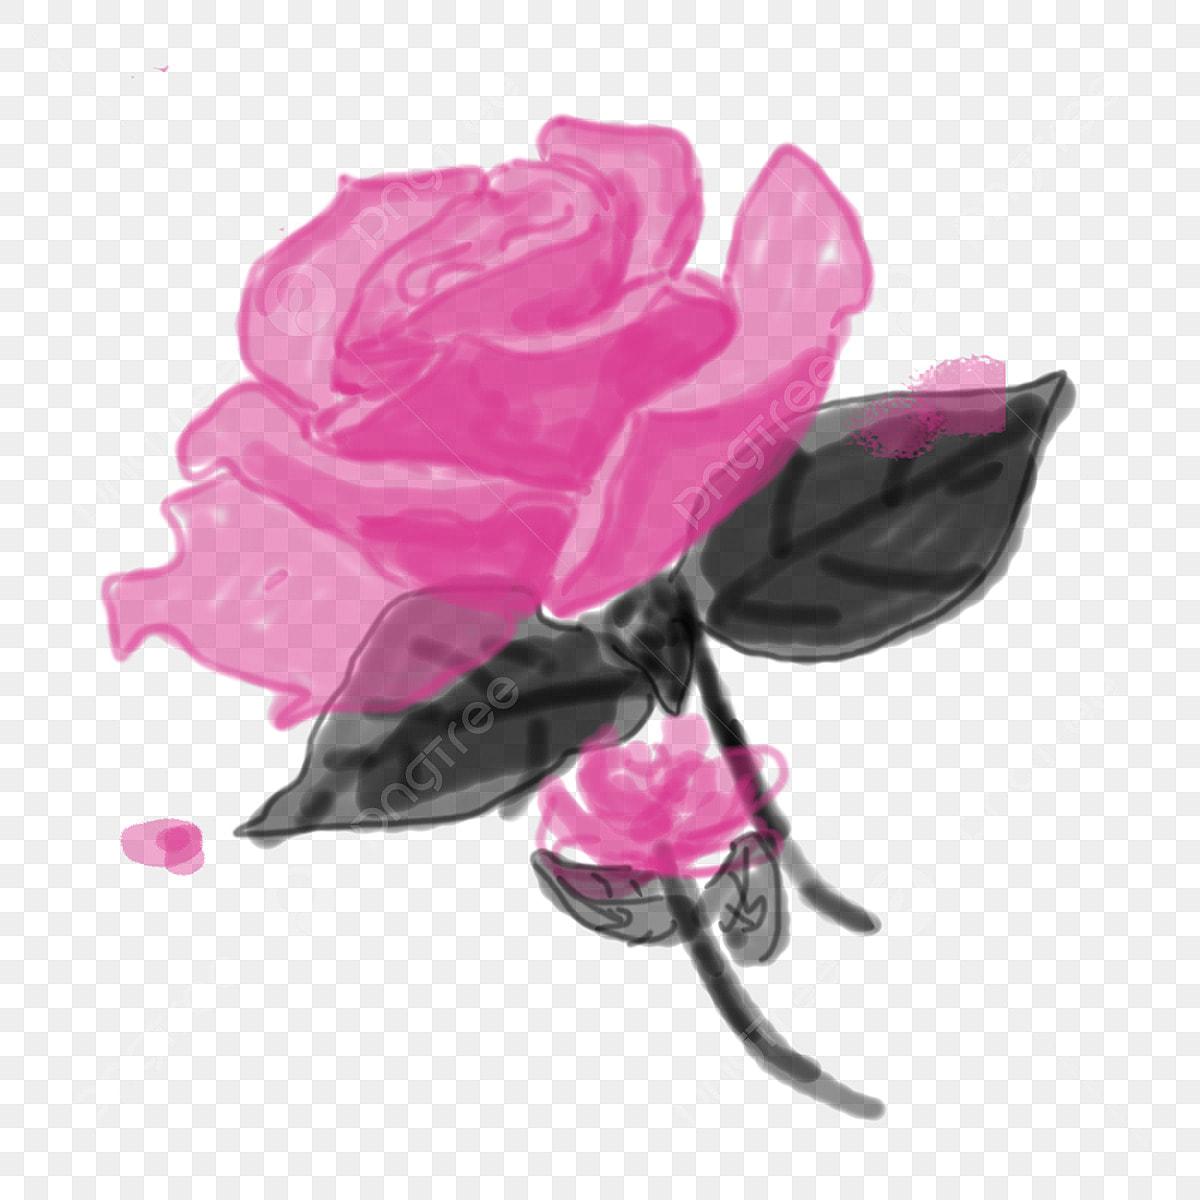 Dessin Anime Barbele Rose Dessin Anime Fleur Rose Un Rose Rose